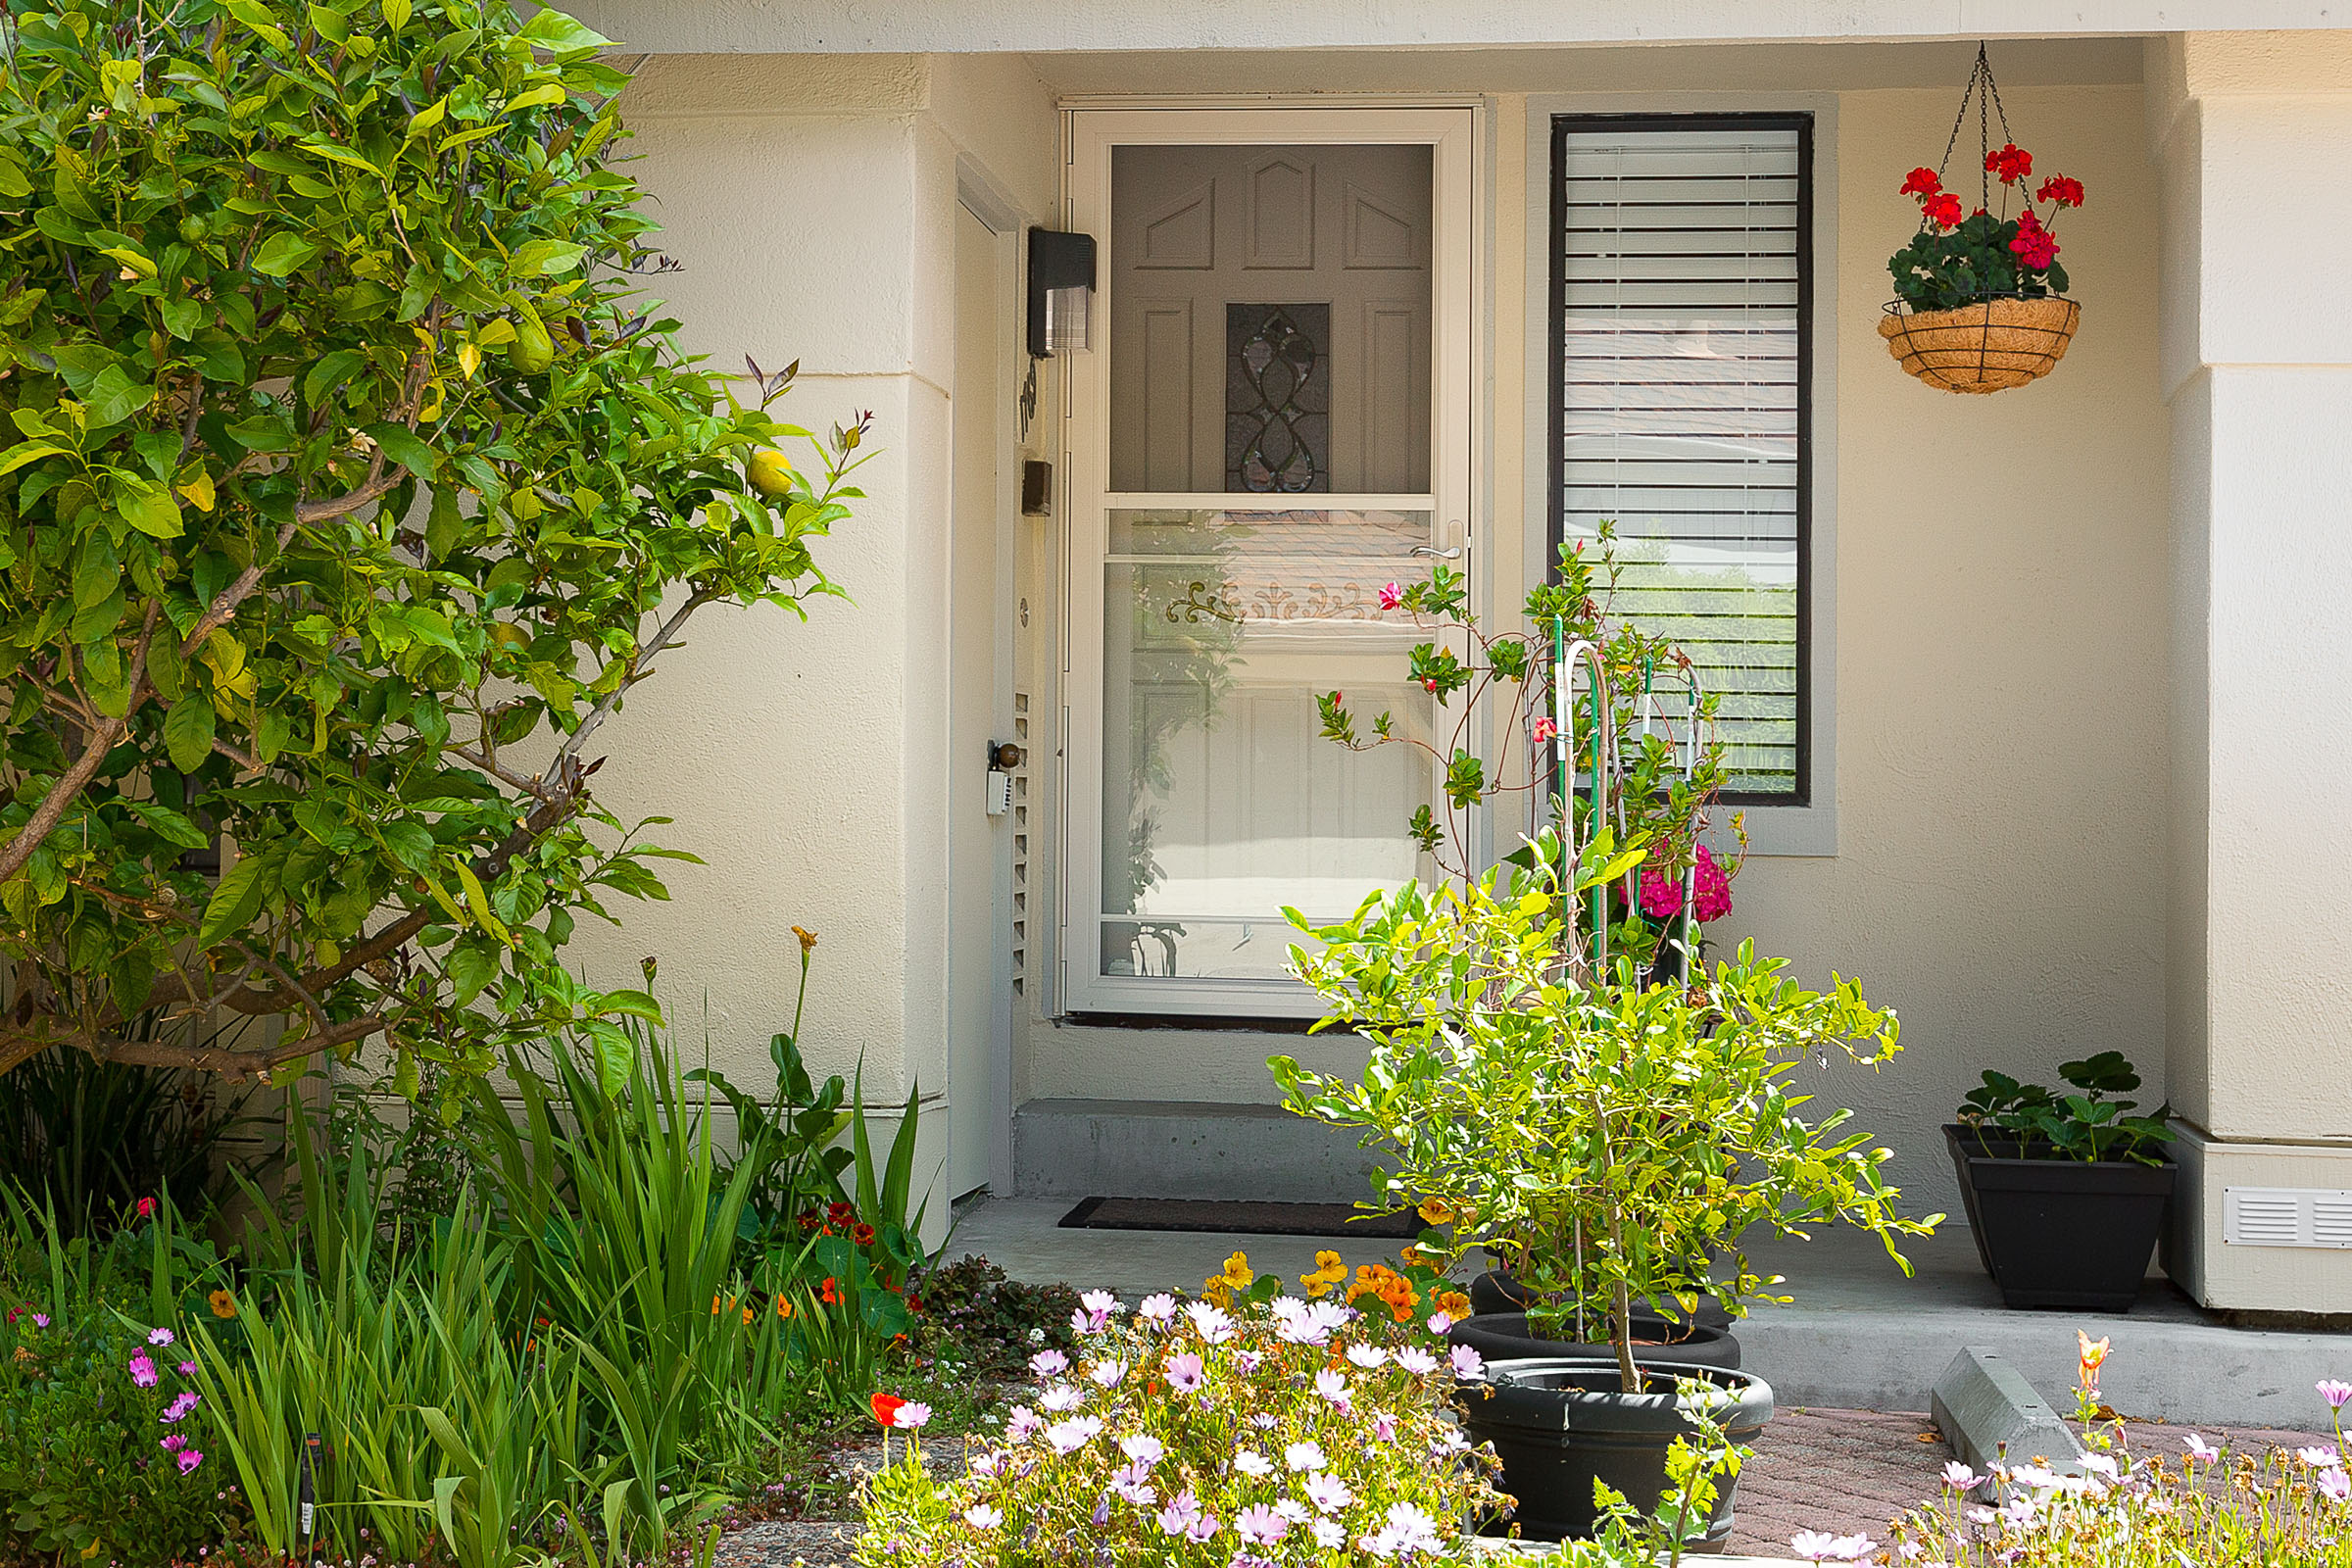 Entryway Homes for Sale in Santa Cruz